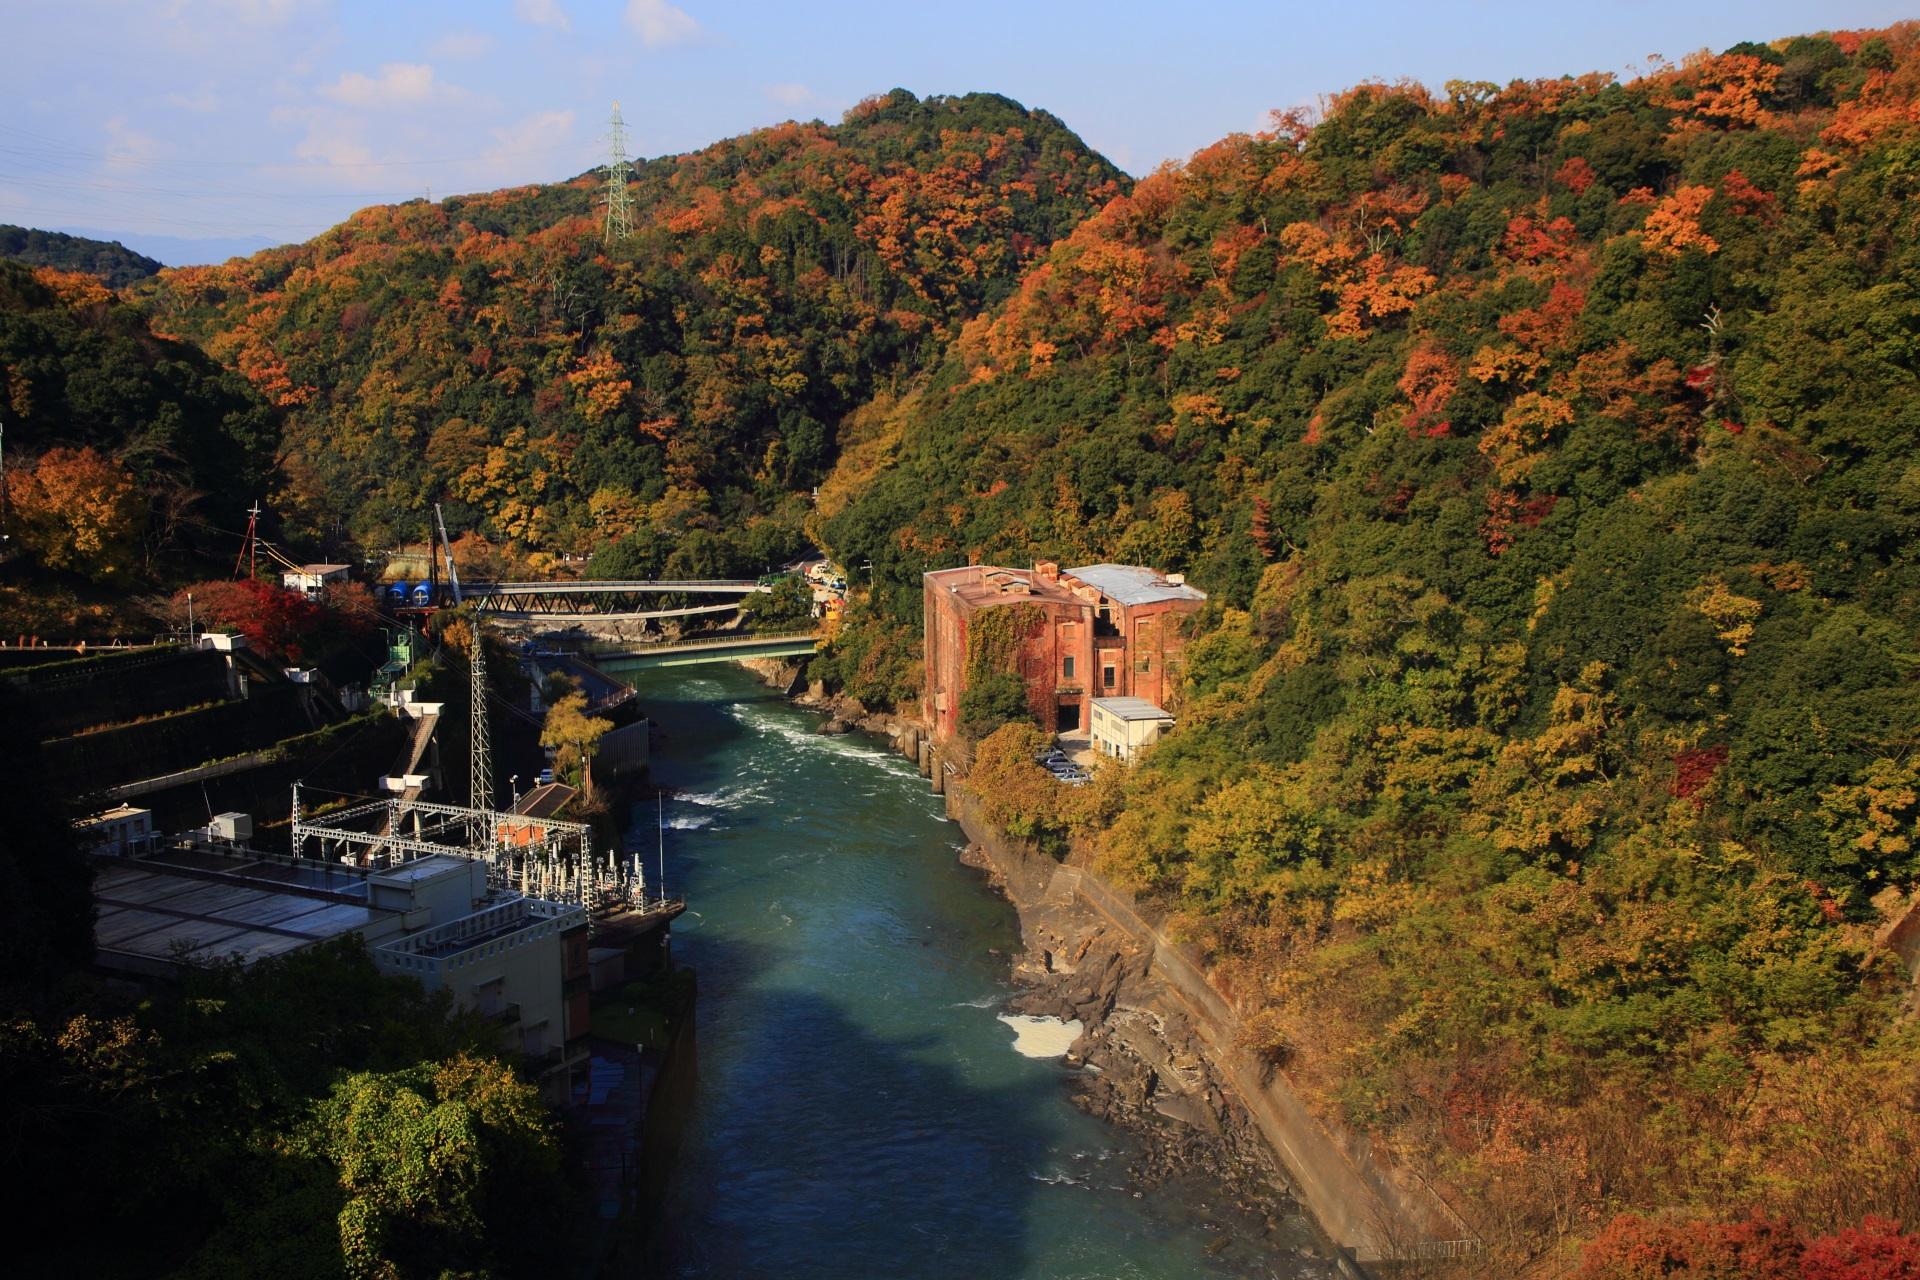 天ヶ瀬ダムの方から眺めた志津川発電所跡と優雅な秋の山々